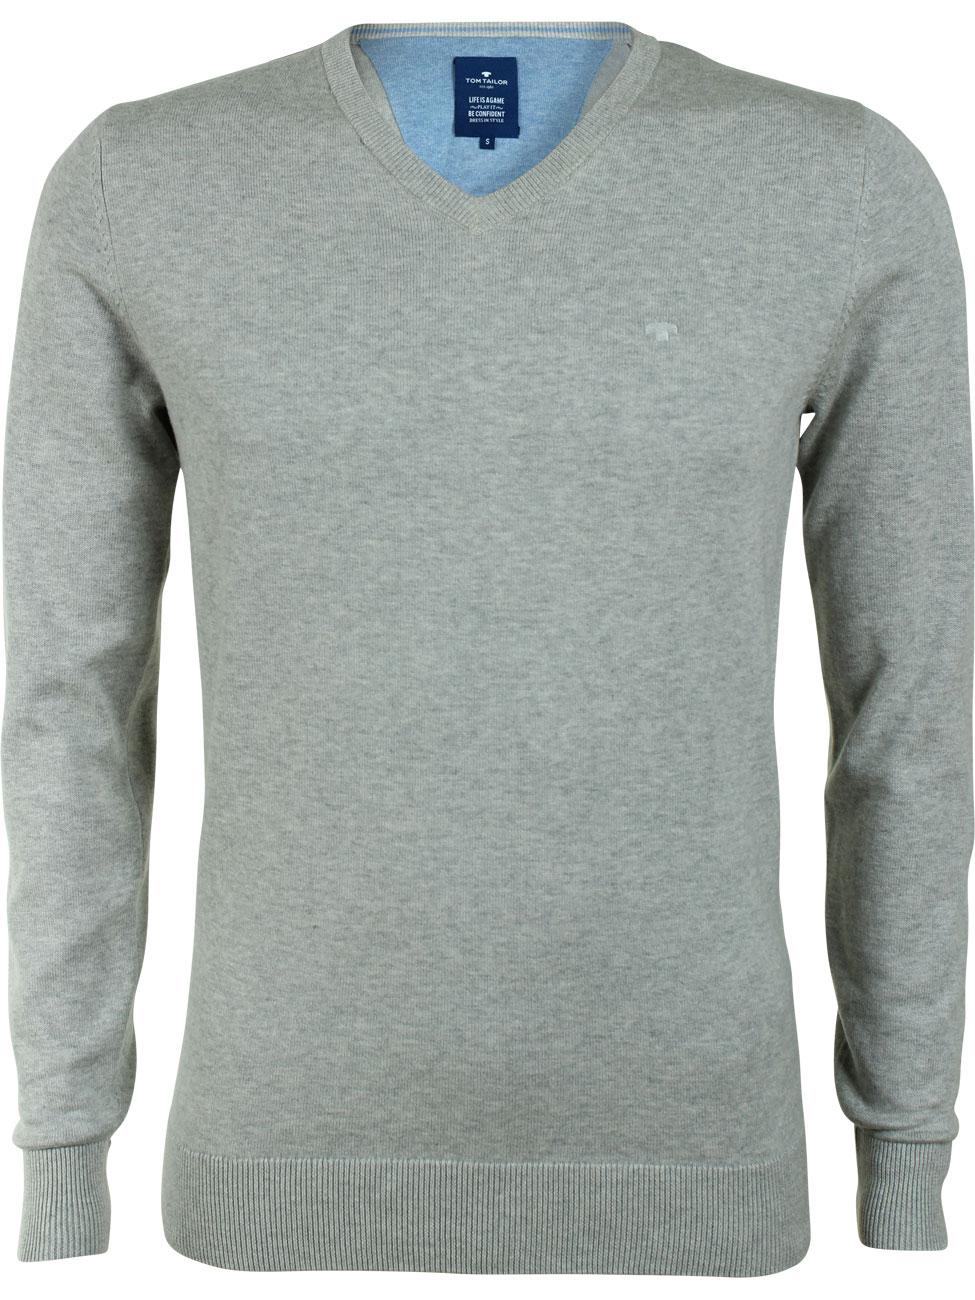 tom tailor herren pullover basic v neck sweater kaufen jeans direct. Black Bedroom Furniture Sets. Home Design Ideas